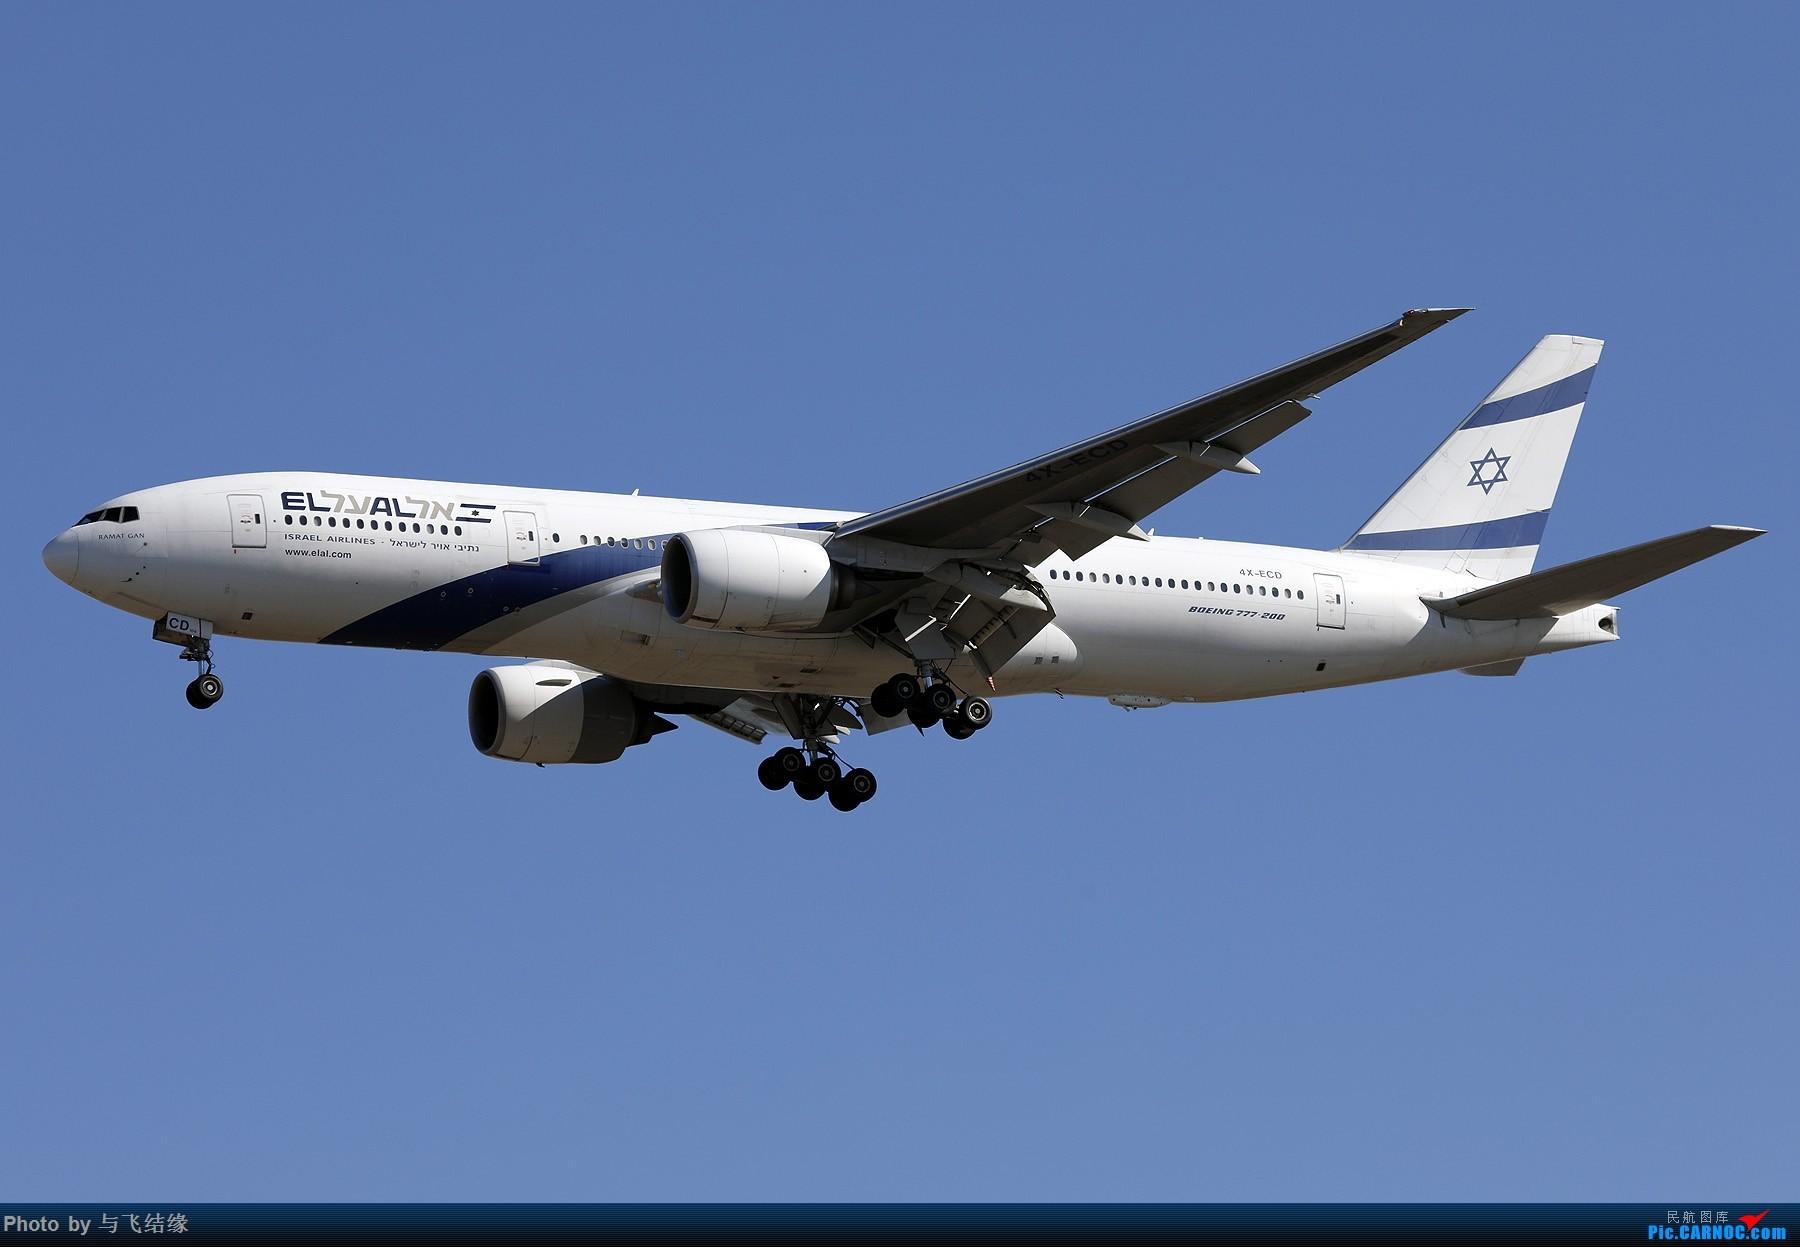 [原创]以色列航空波音777-200、加拿大航空波音77W新装、国航最新空客350-900. BOEING 777-200 4X-ECD 中国北京首都国际机场